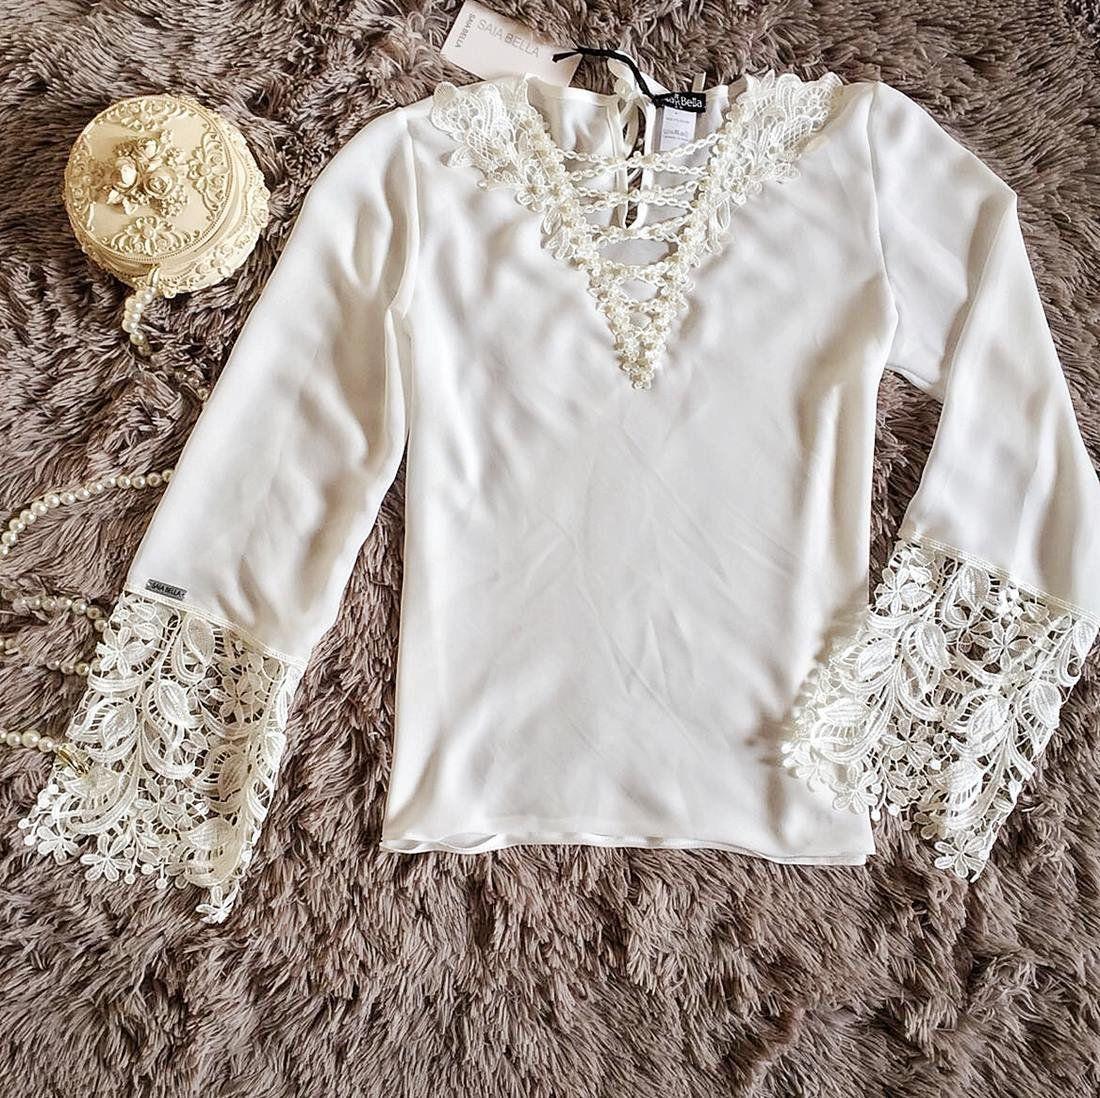 Blusa de Renda Saia Bella - SB9959 branca